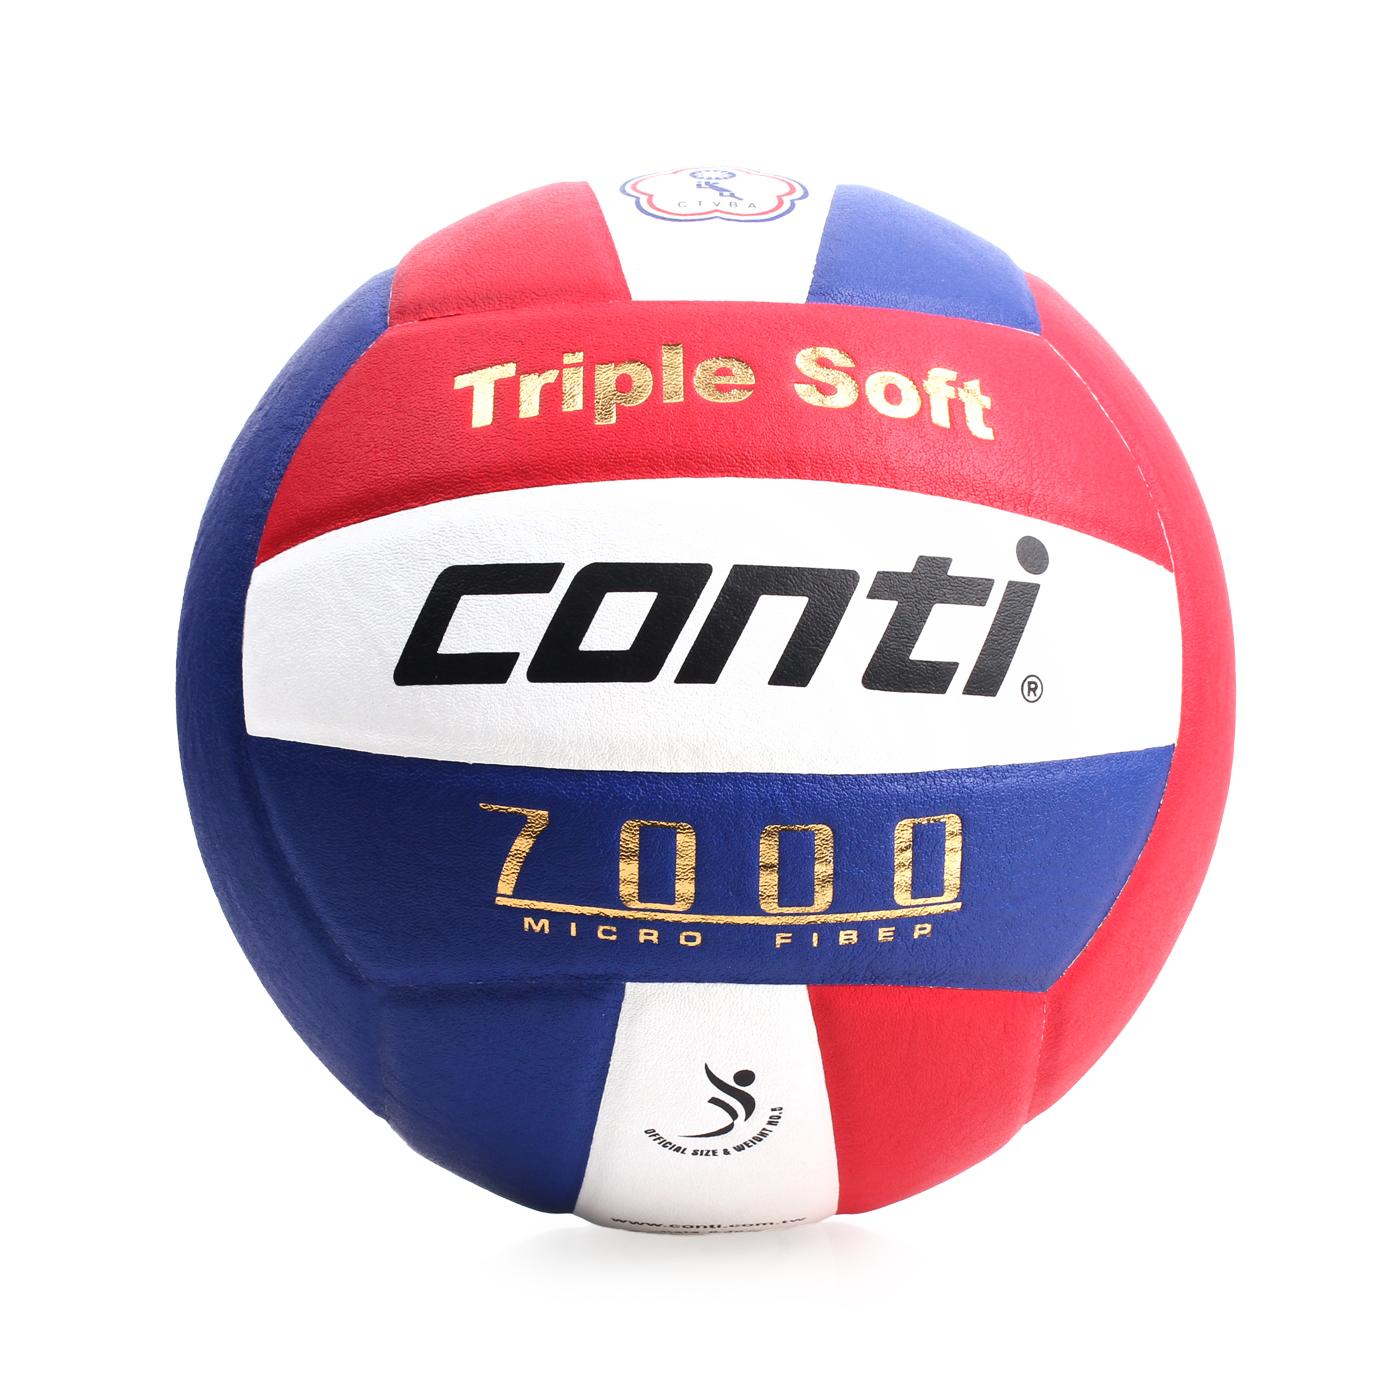 詠冠conti 5號日本超細纖維結構專利排球 CONTIV7000-5-RWB - 藍紅白